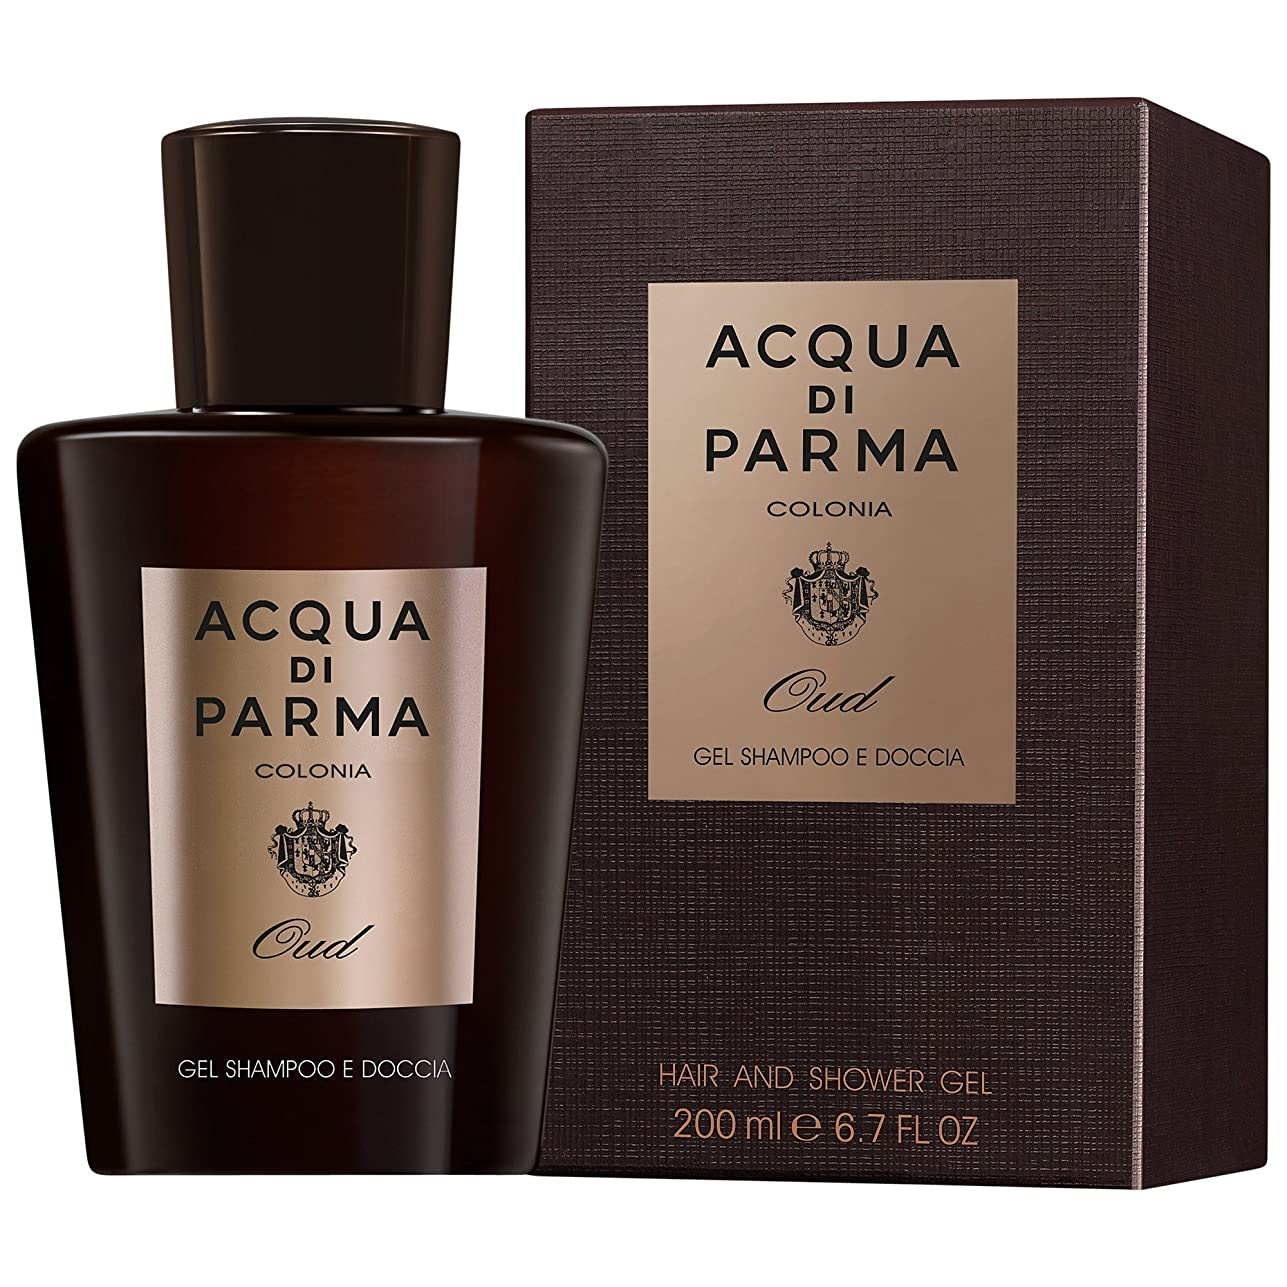 再編成する廃棄順応性アクア?ディ?パルマコロニアウードシャワージェル150ミリリットル (Acqua di Parma) (x2) - Acqua di Parma Colonia Oud Shower Gel 150ml (Pack of 2) [並行輸入品]